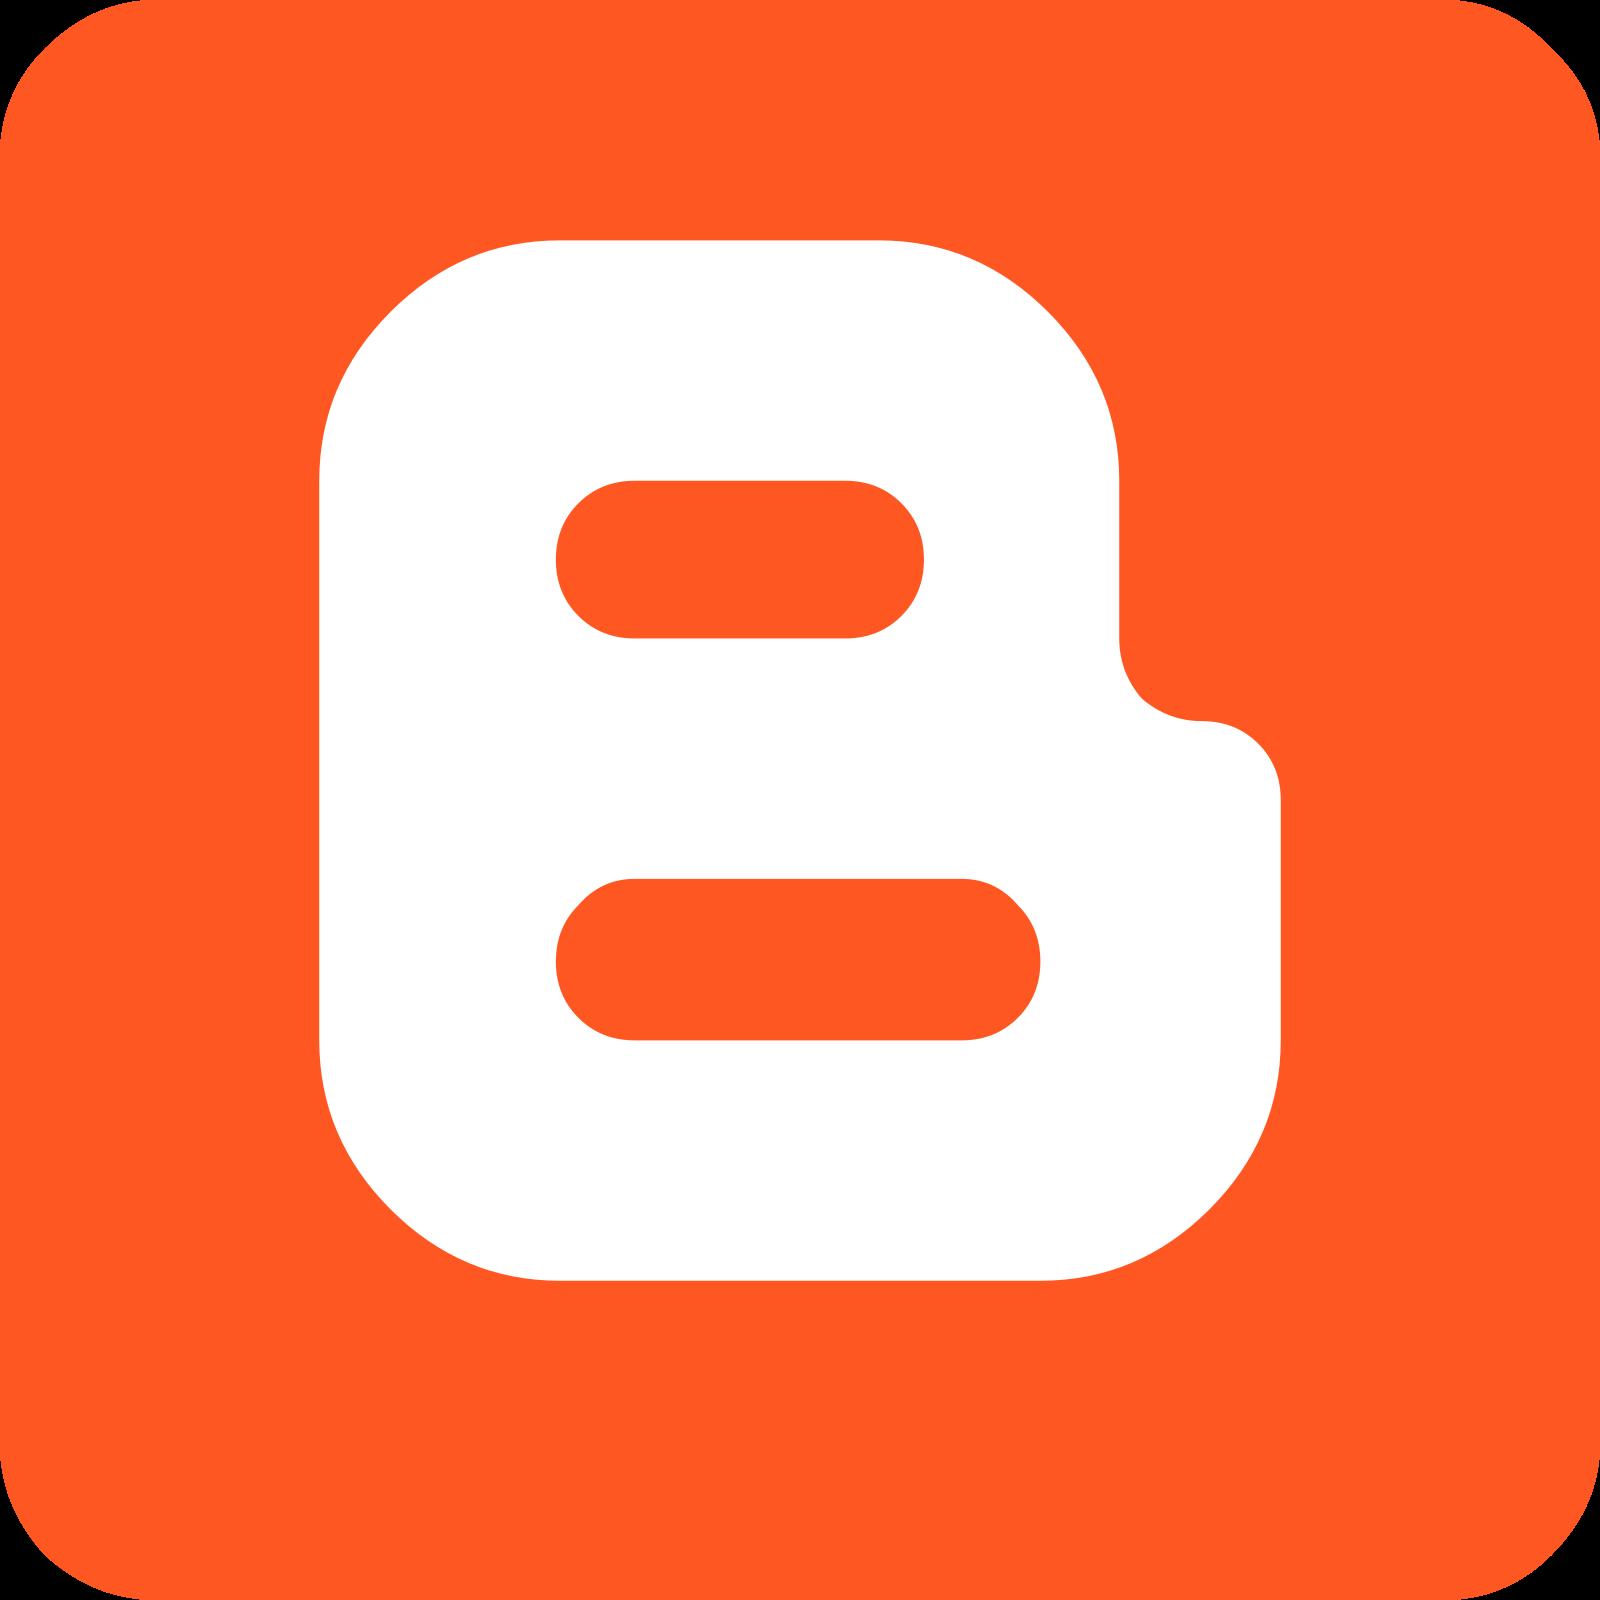 blogger logo icon 2 - Blogger Logo